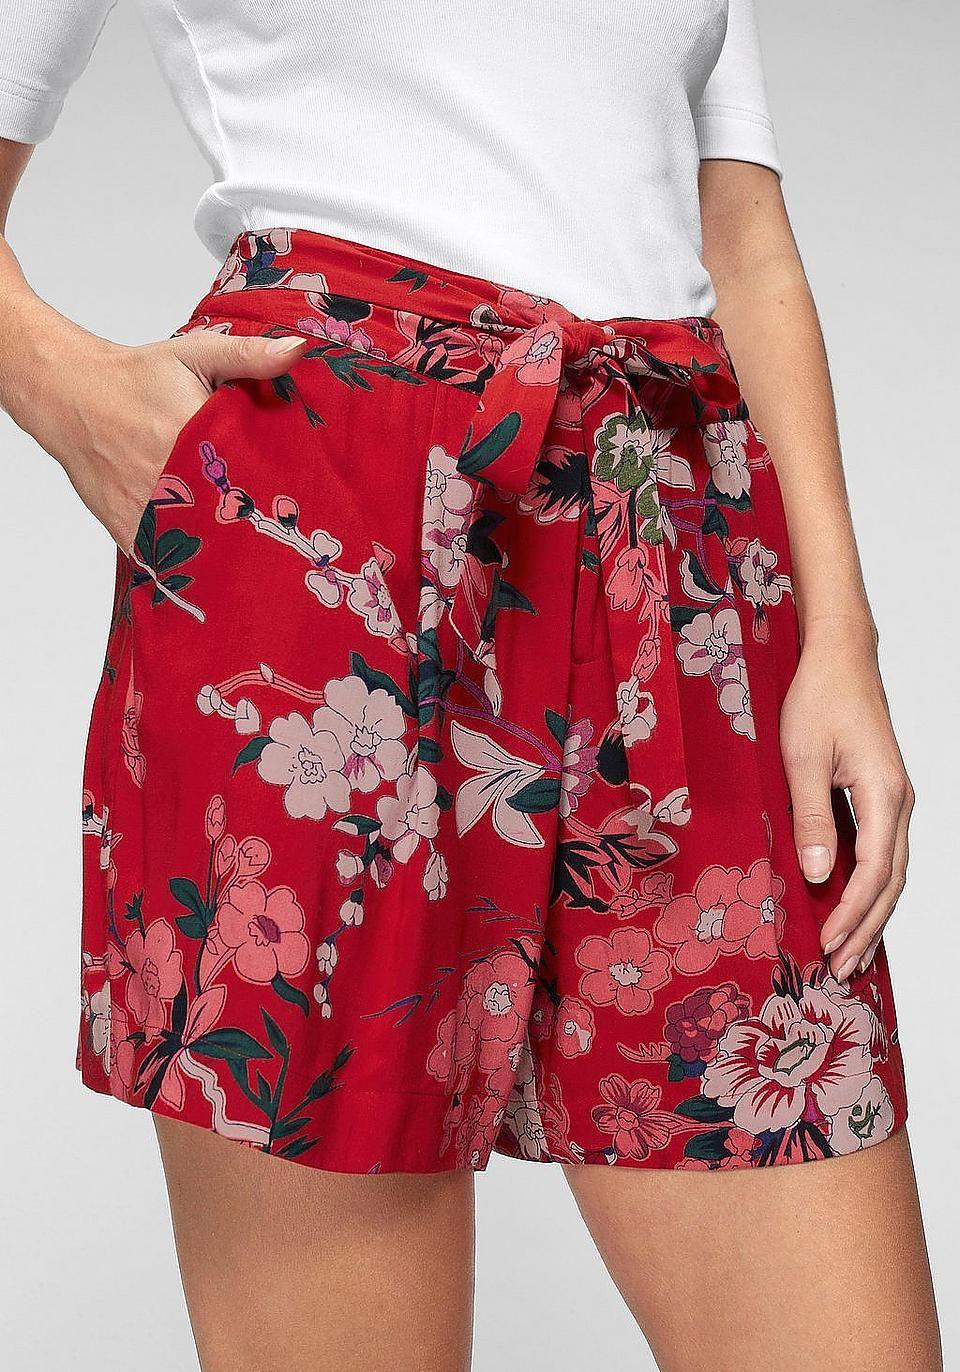 Aniston by BAUR Shorts online auf baur.de